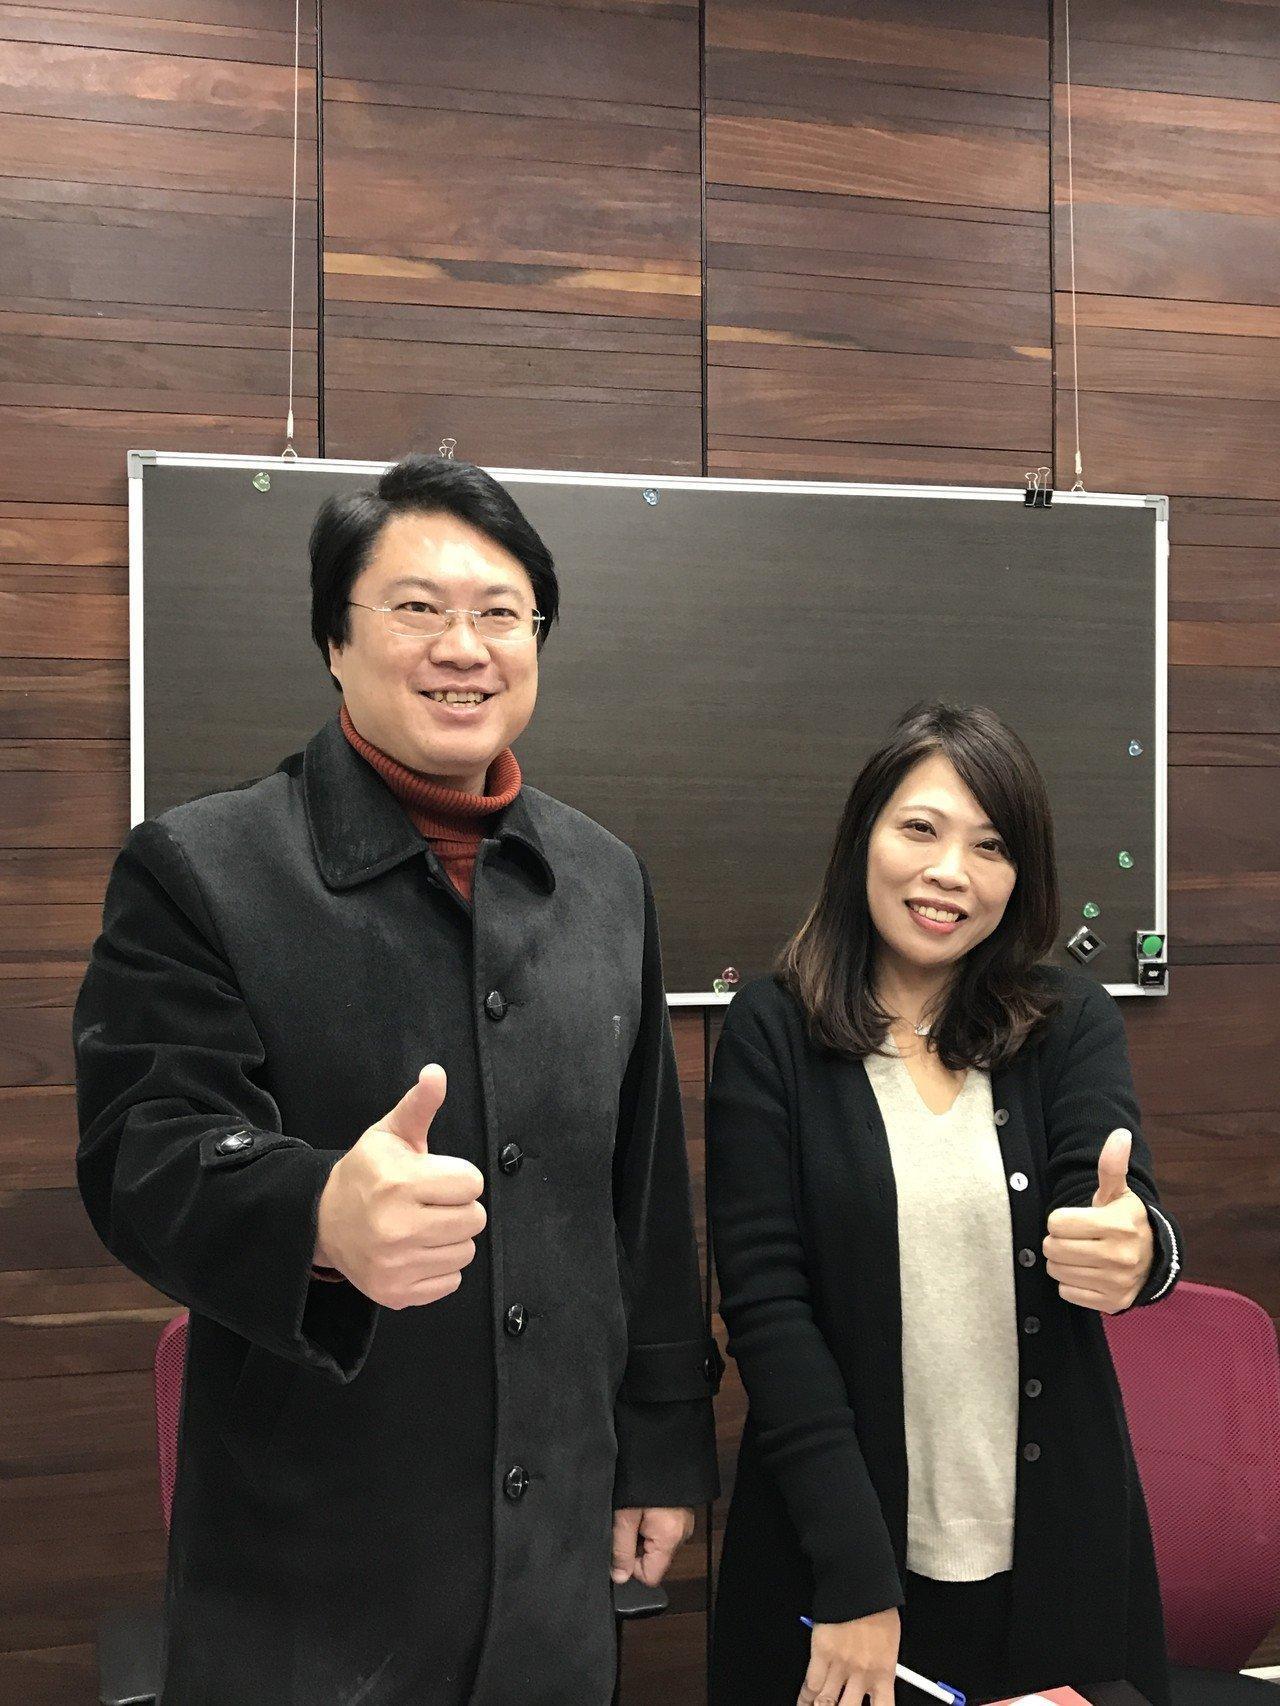 基隆市文化局長,由市府發言人陳靜萍接任。記者吳淑君/攝影